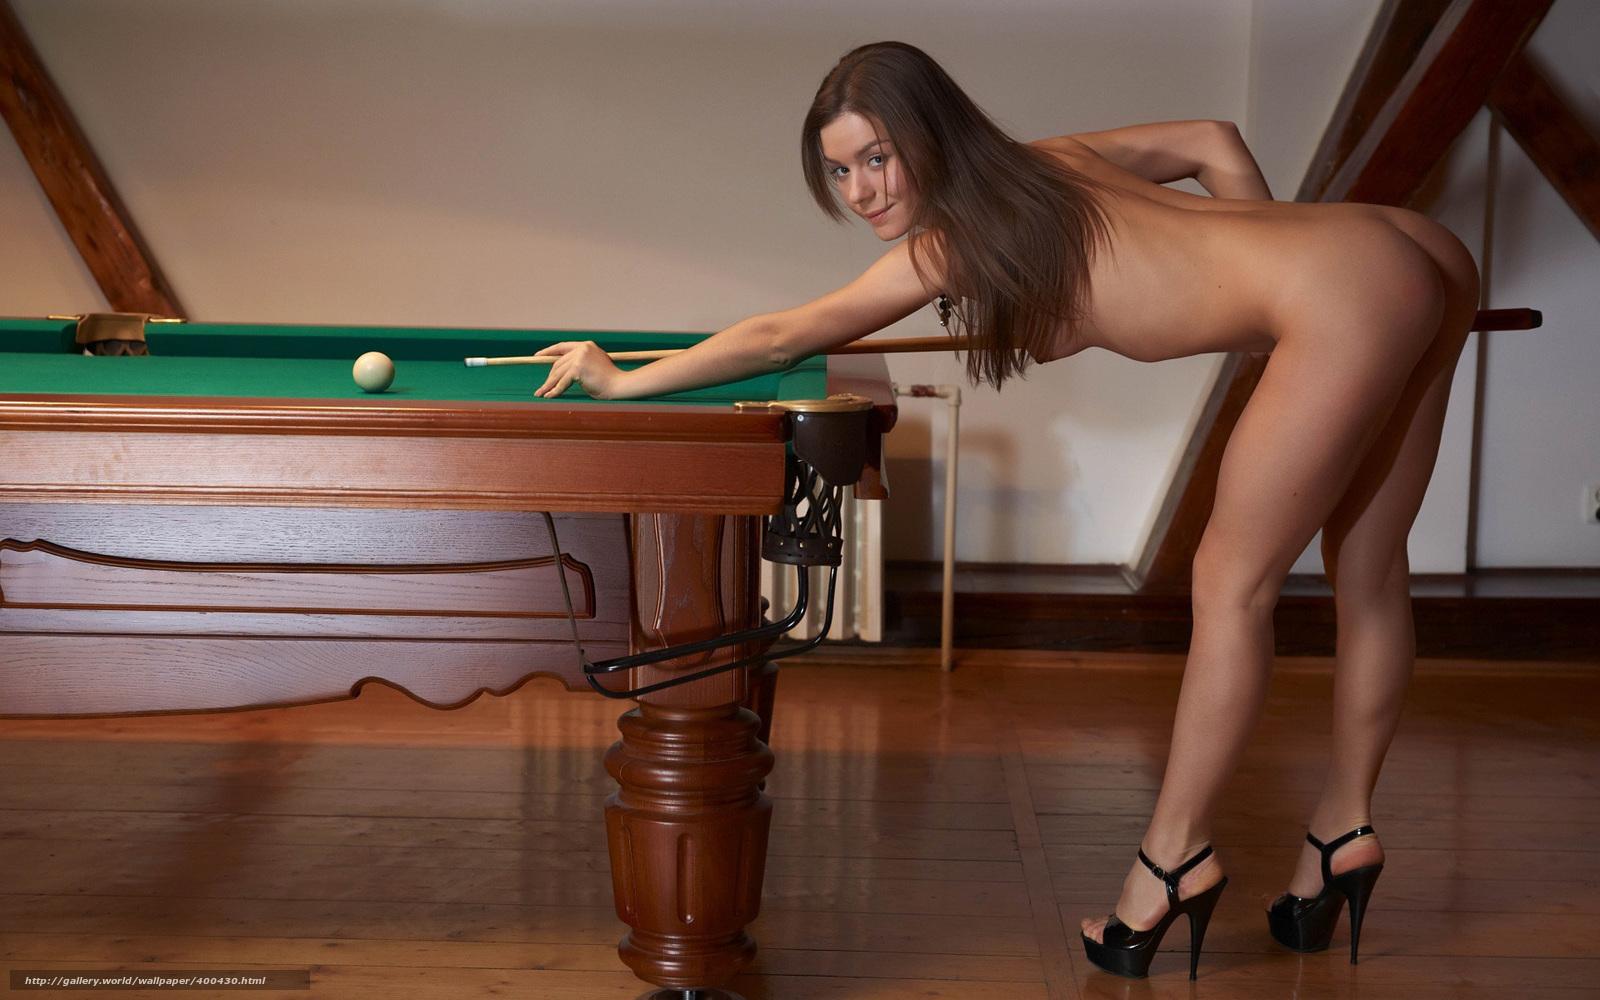 Предложил девушке сыграть в бильярд на раздевание смотреть онлайн 7 фотография